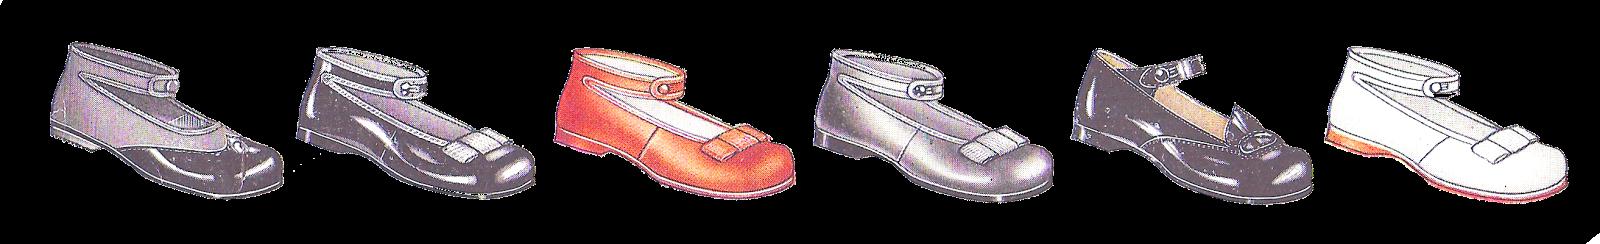 Shoe clipart border Images: Fashion Clip Design 1917